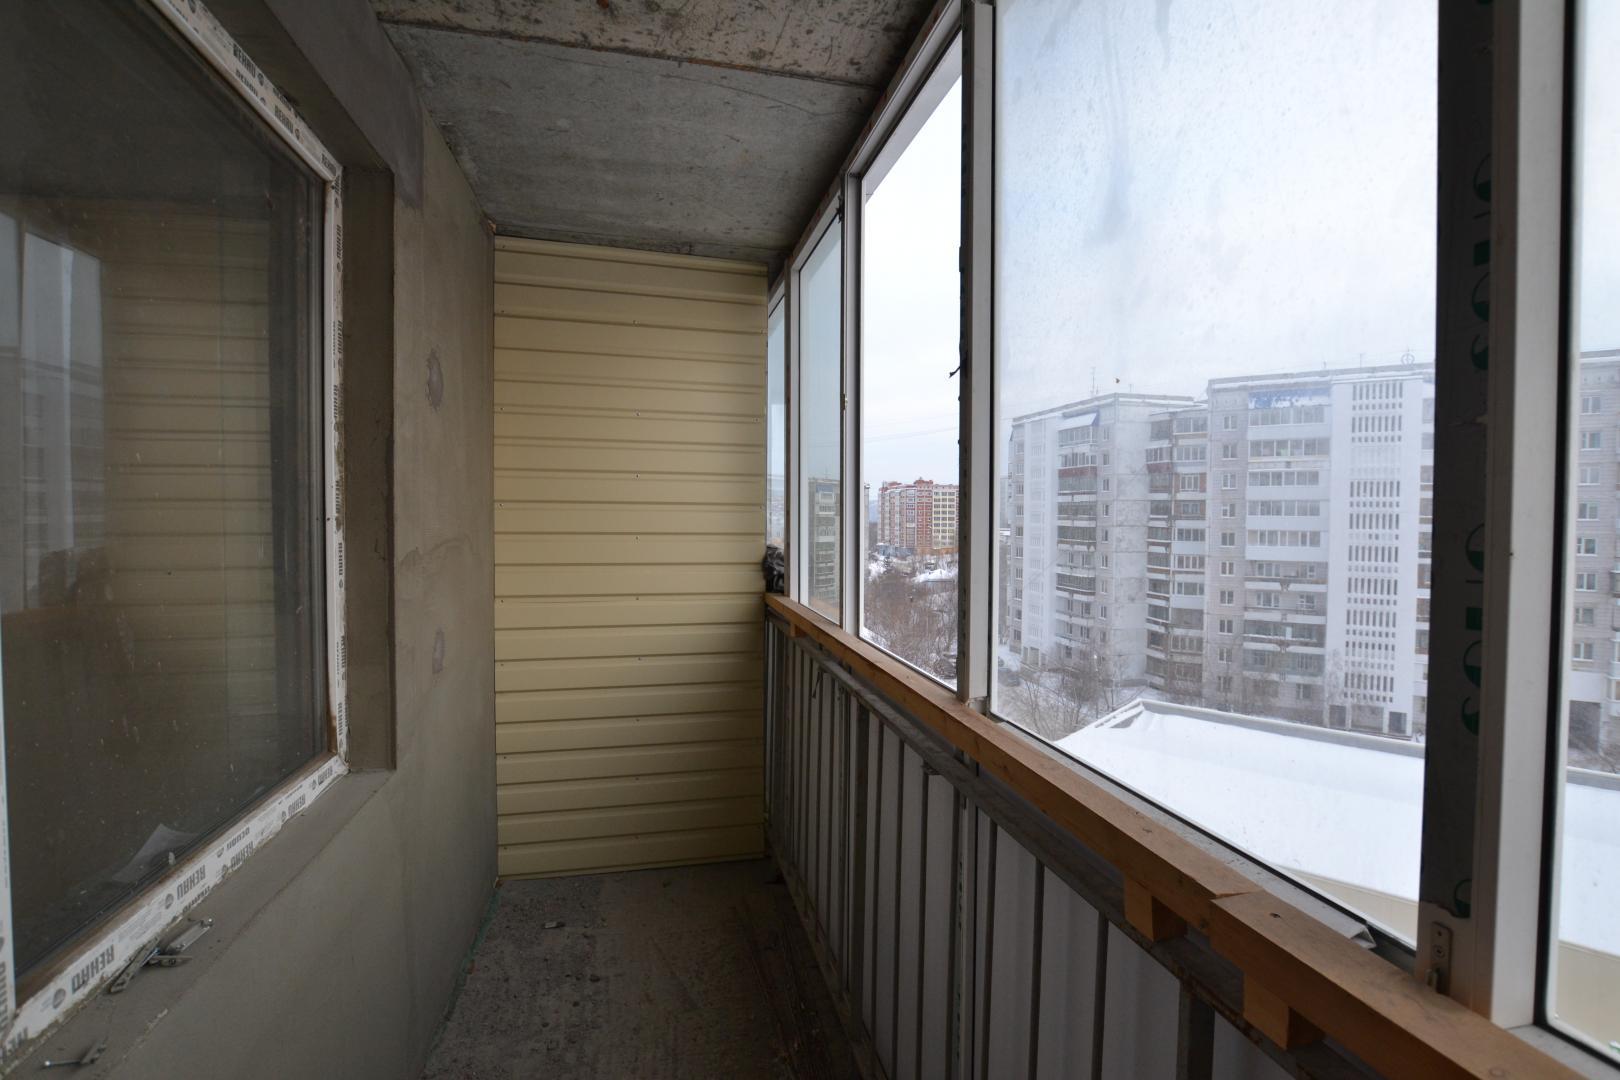 Квартира на продажу по адресу Россия, Томская область, городской округ Томск, Томск, улица Сергея Вицмана, 37